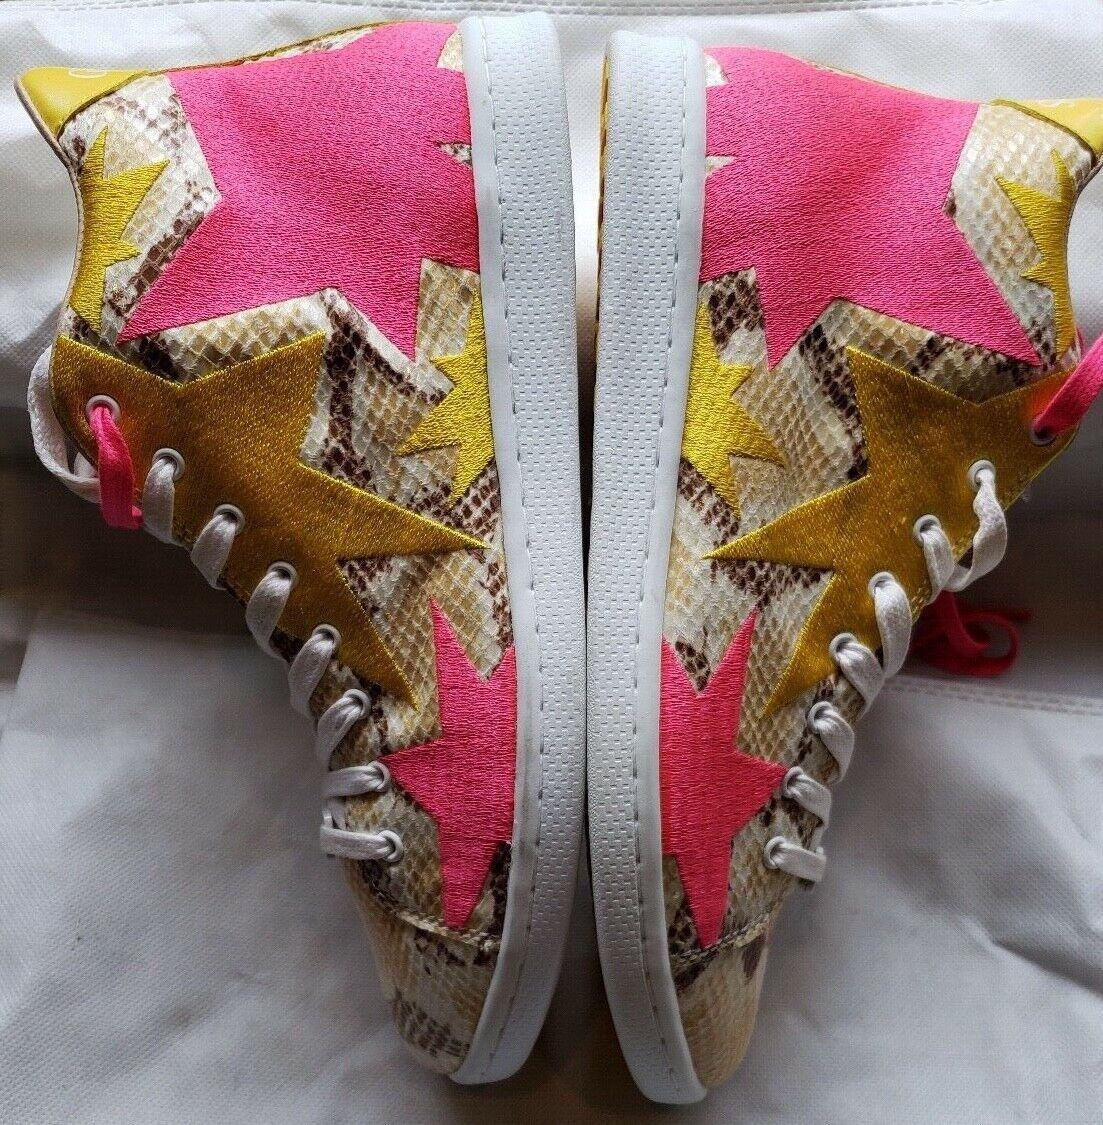 NEW Guess Python Print giallo giallo giallo and rosa Stars High Top scarpe da ginnastica Dimensione EU39 US9 cf4e4f